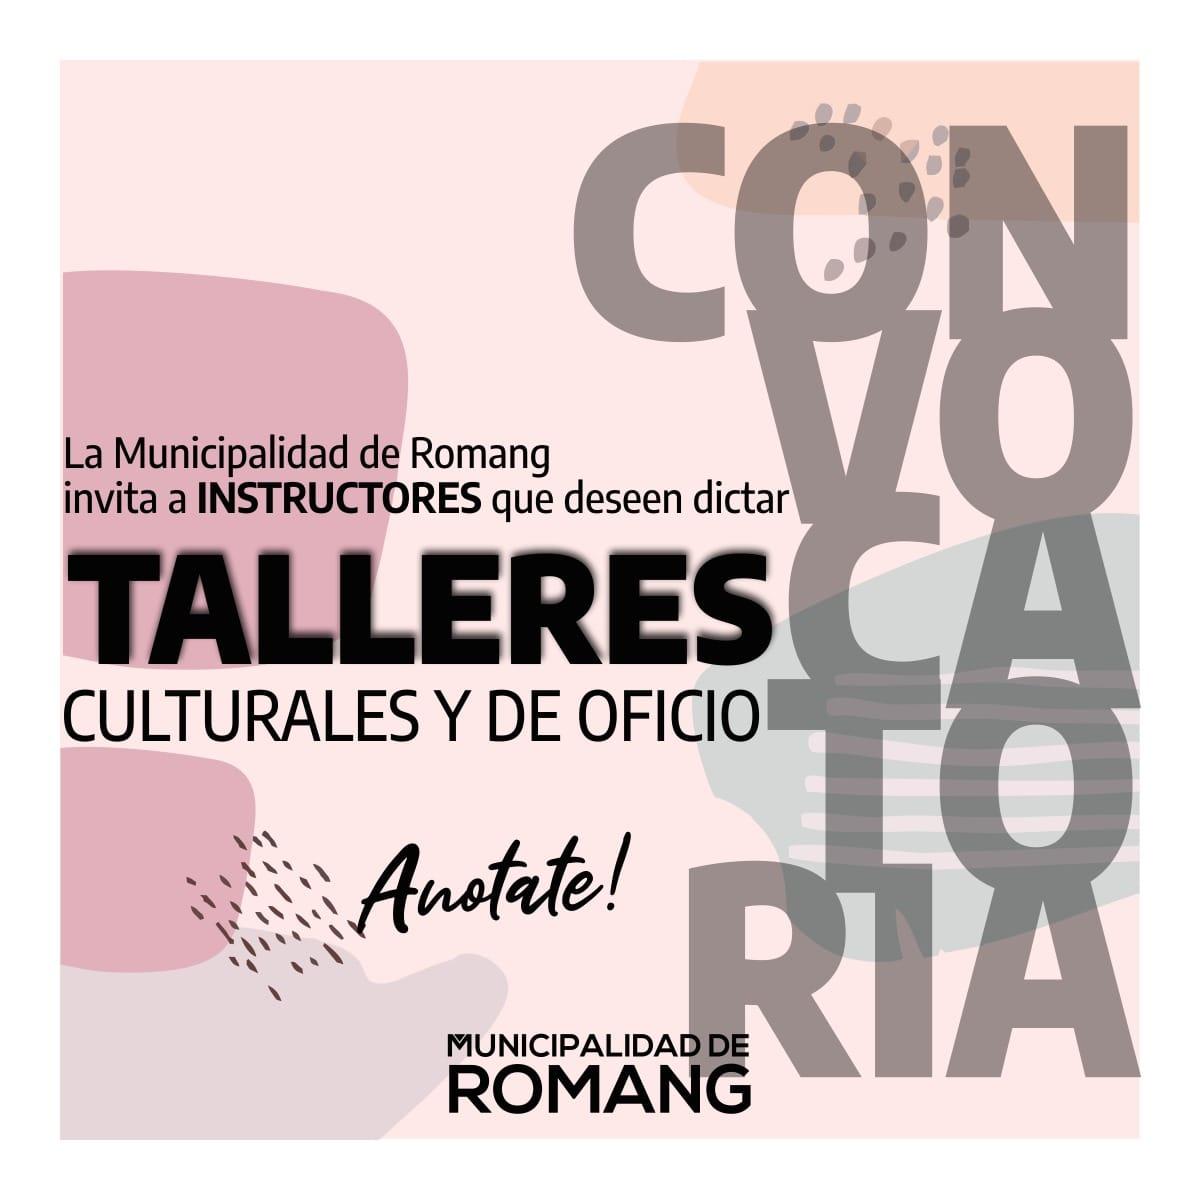 Romang: Talleres Culturales y de Oficio